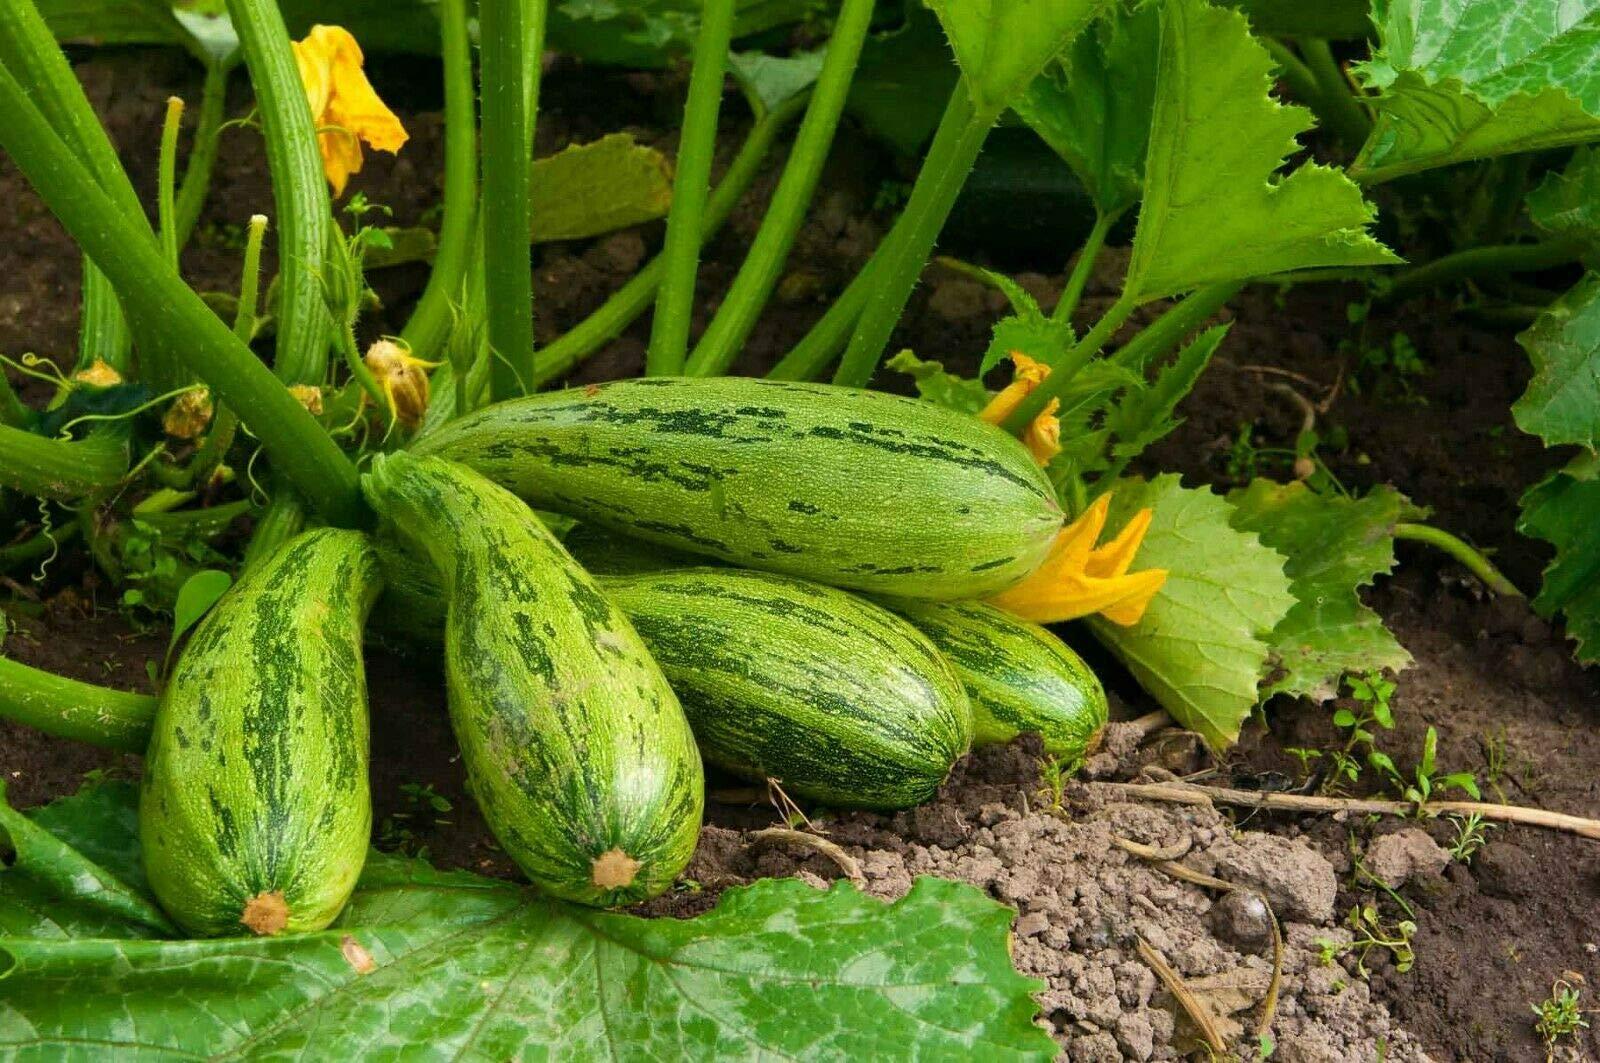 Squash Zucchini - Cucurbita Pepo Live Vegetable Plant Fit 1 Gallon Pot Garden